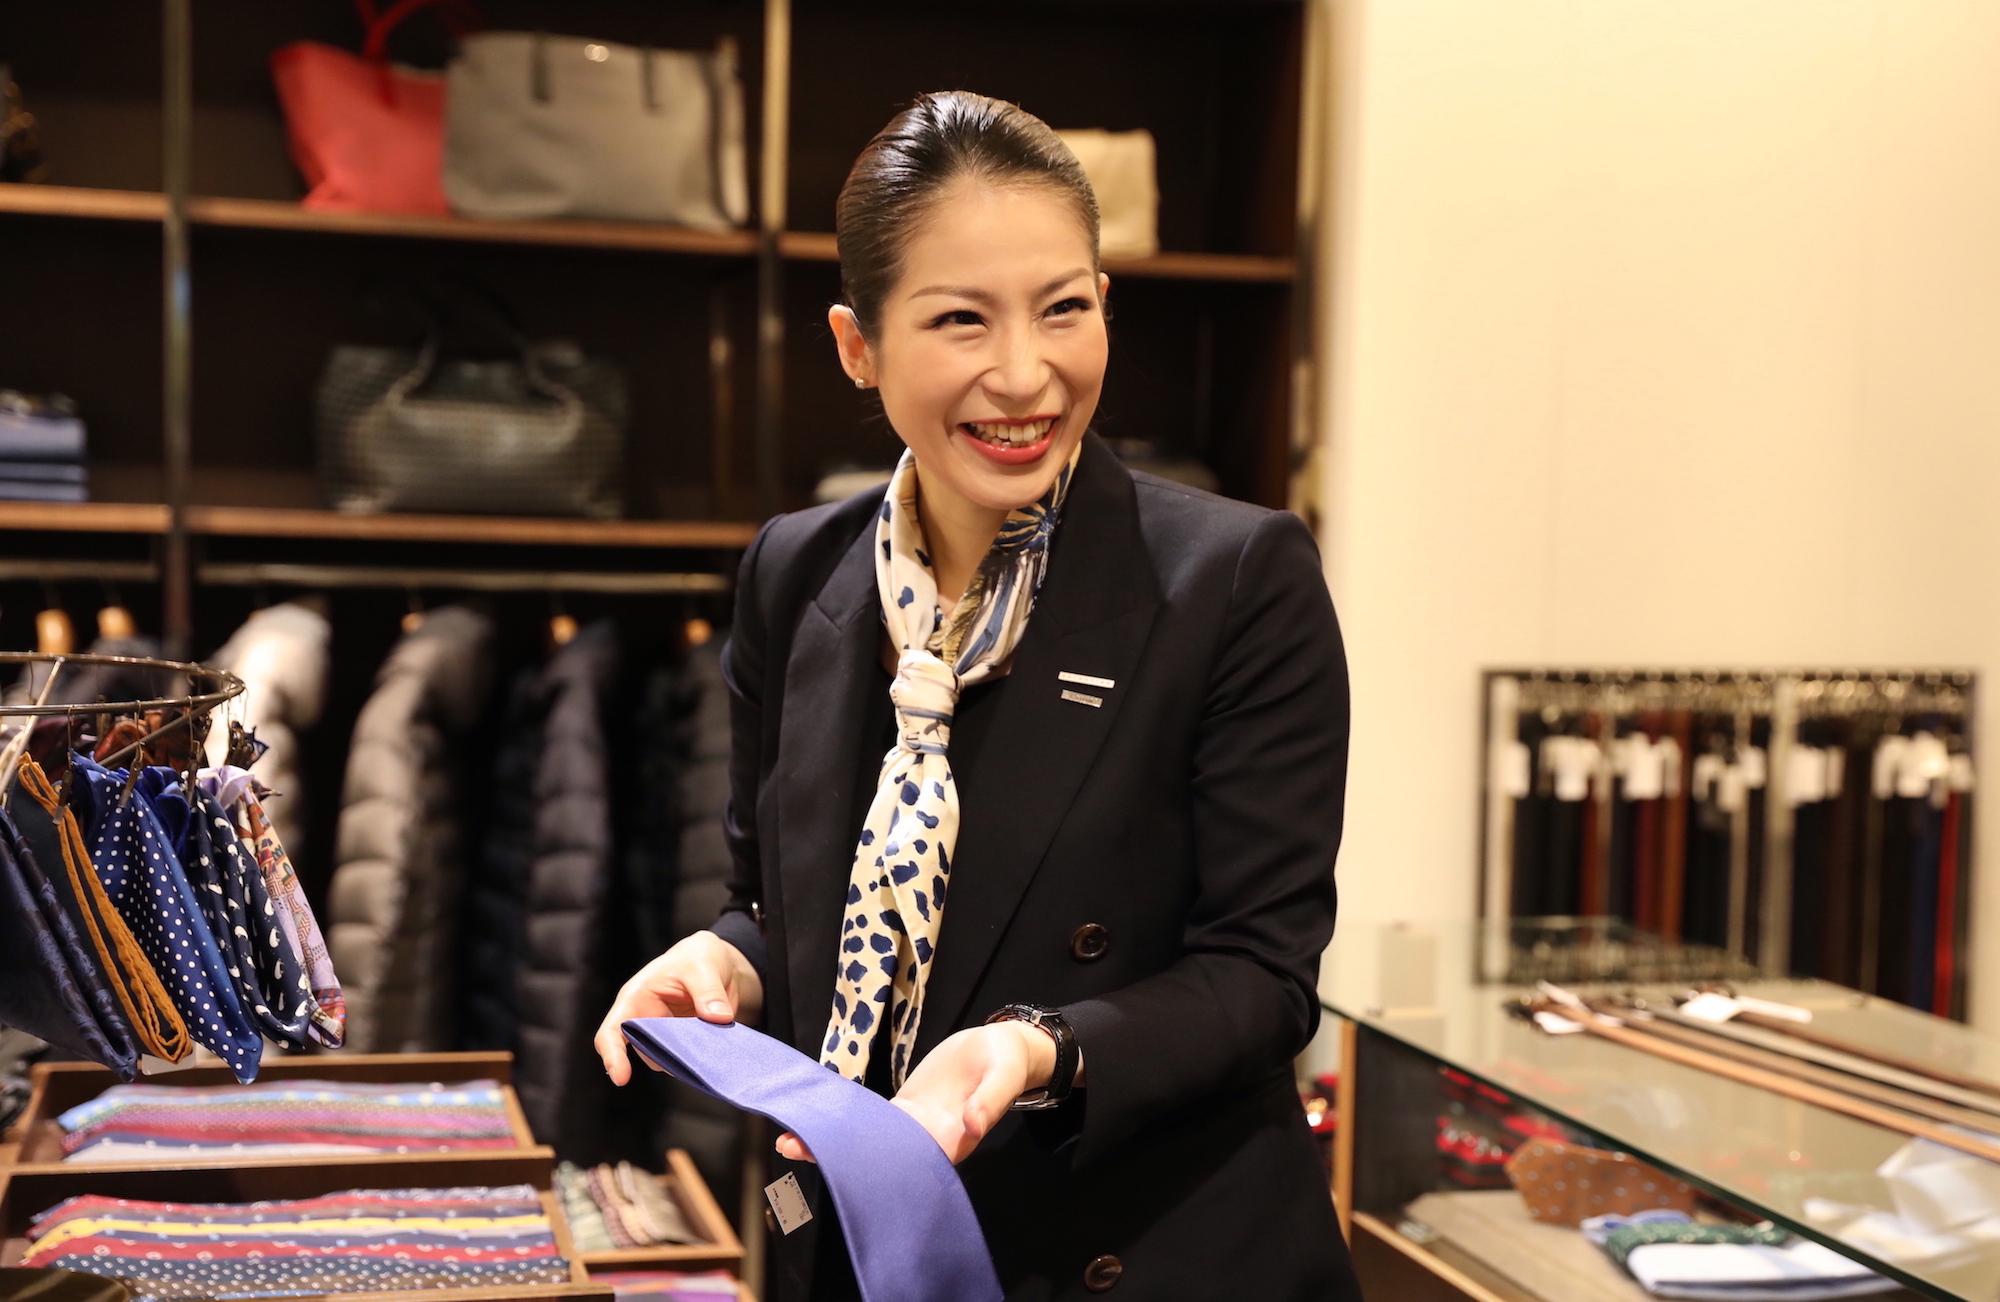 「ライフステージを応援し、より輝かせる仕事」エストネーション有楽町店 濵田るいさんインタビュー